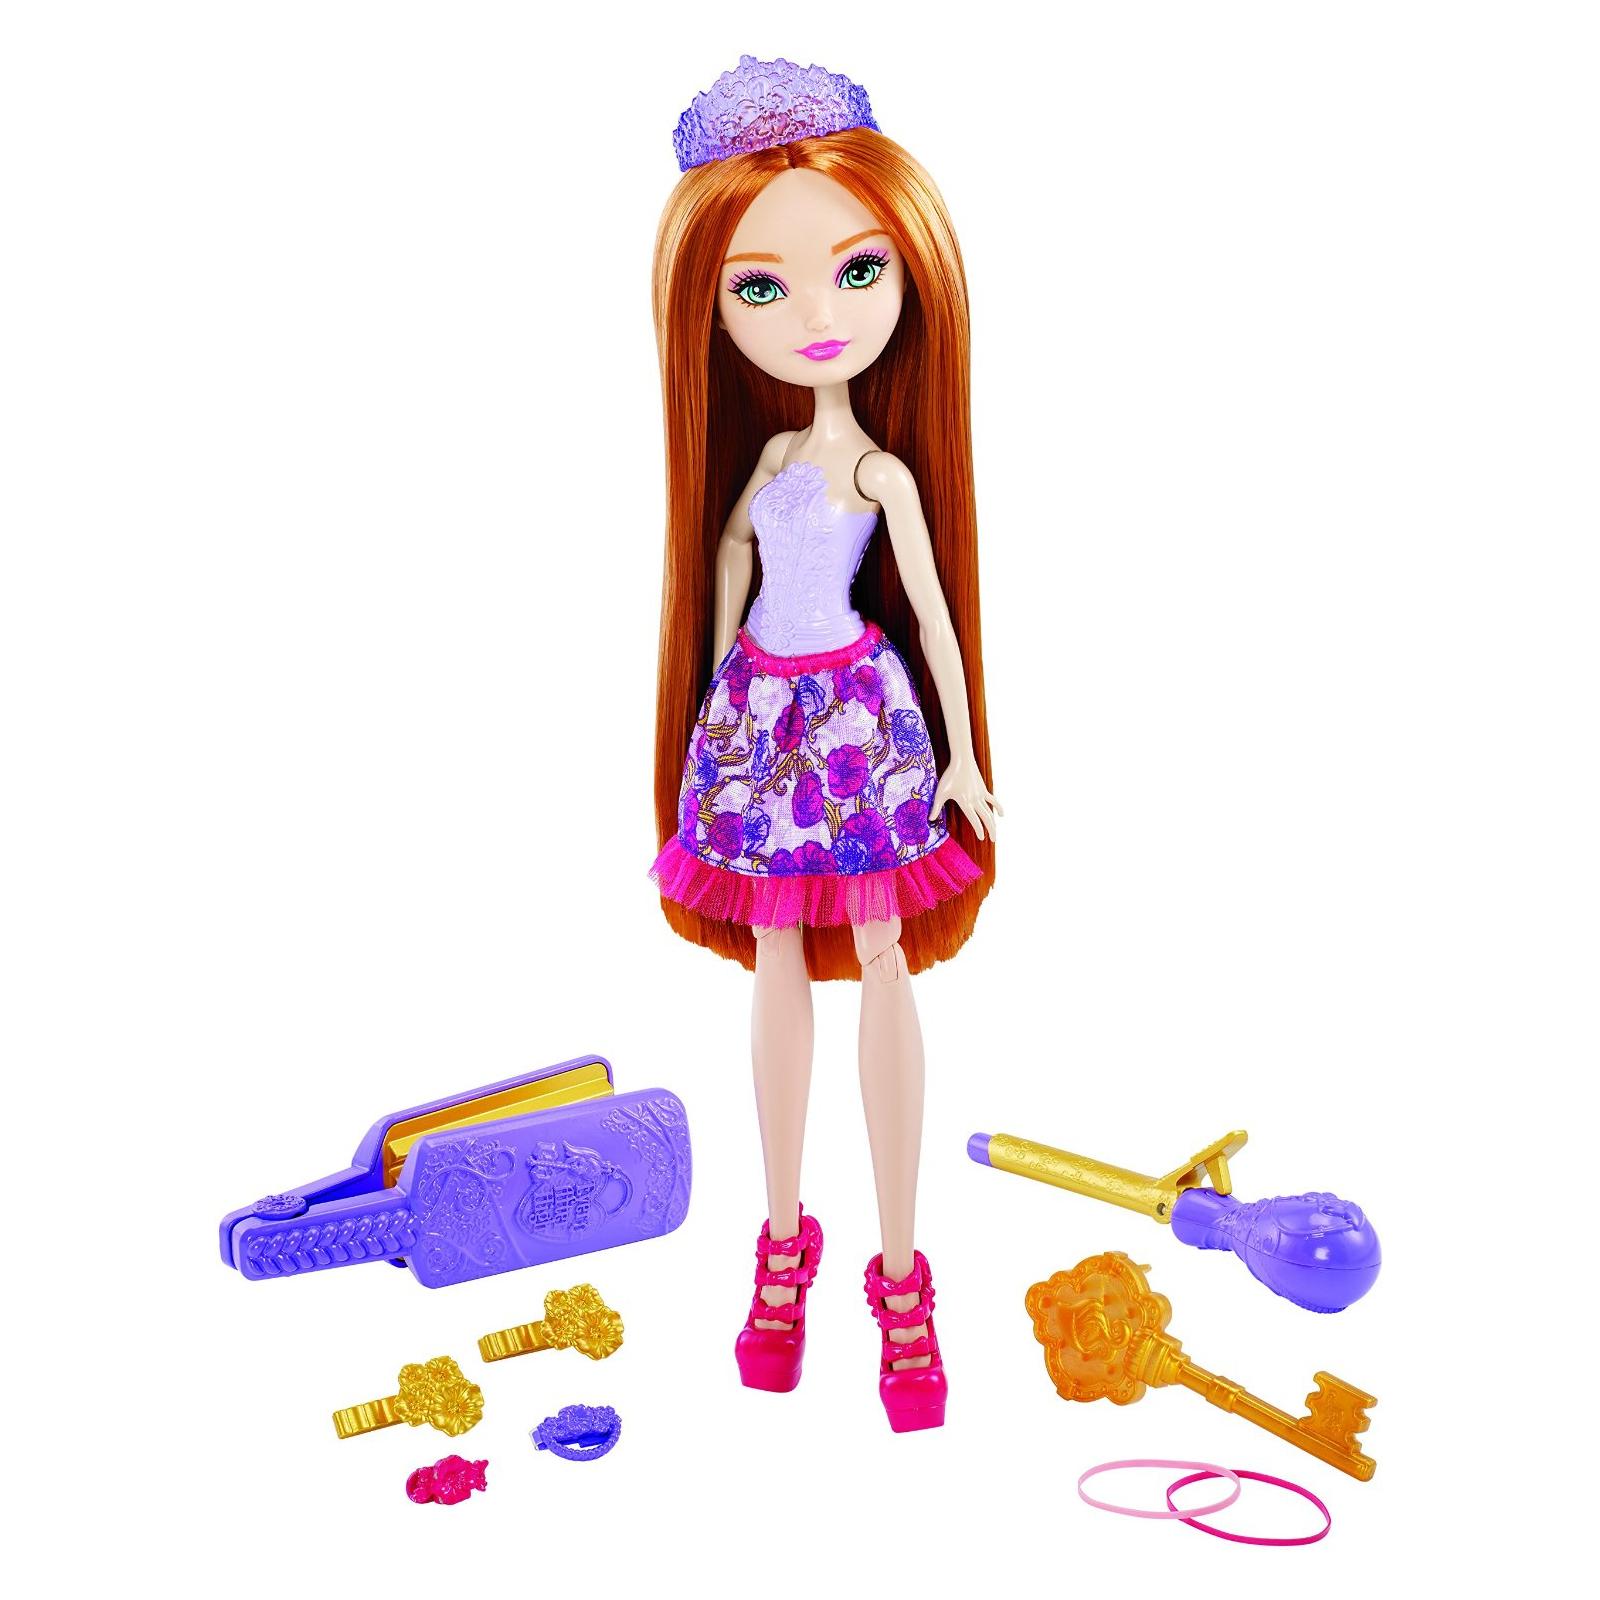 Игровой набор Mattel Ever After High Сказочные прически Холли (DNB75) изображение 2